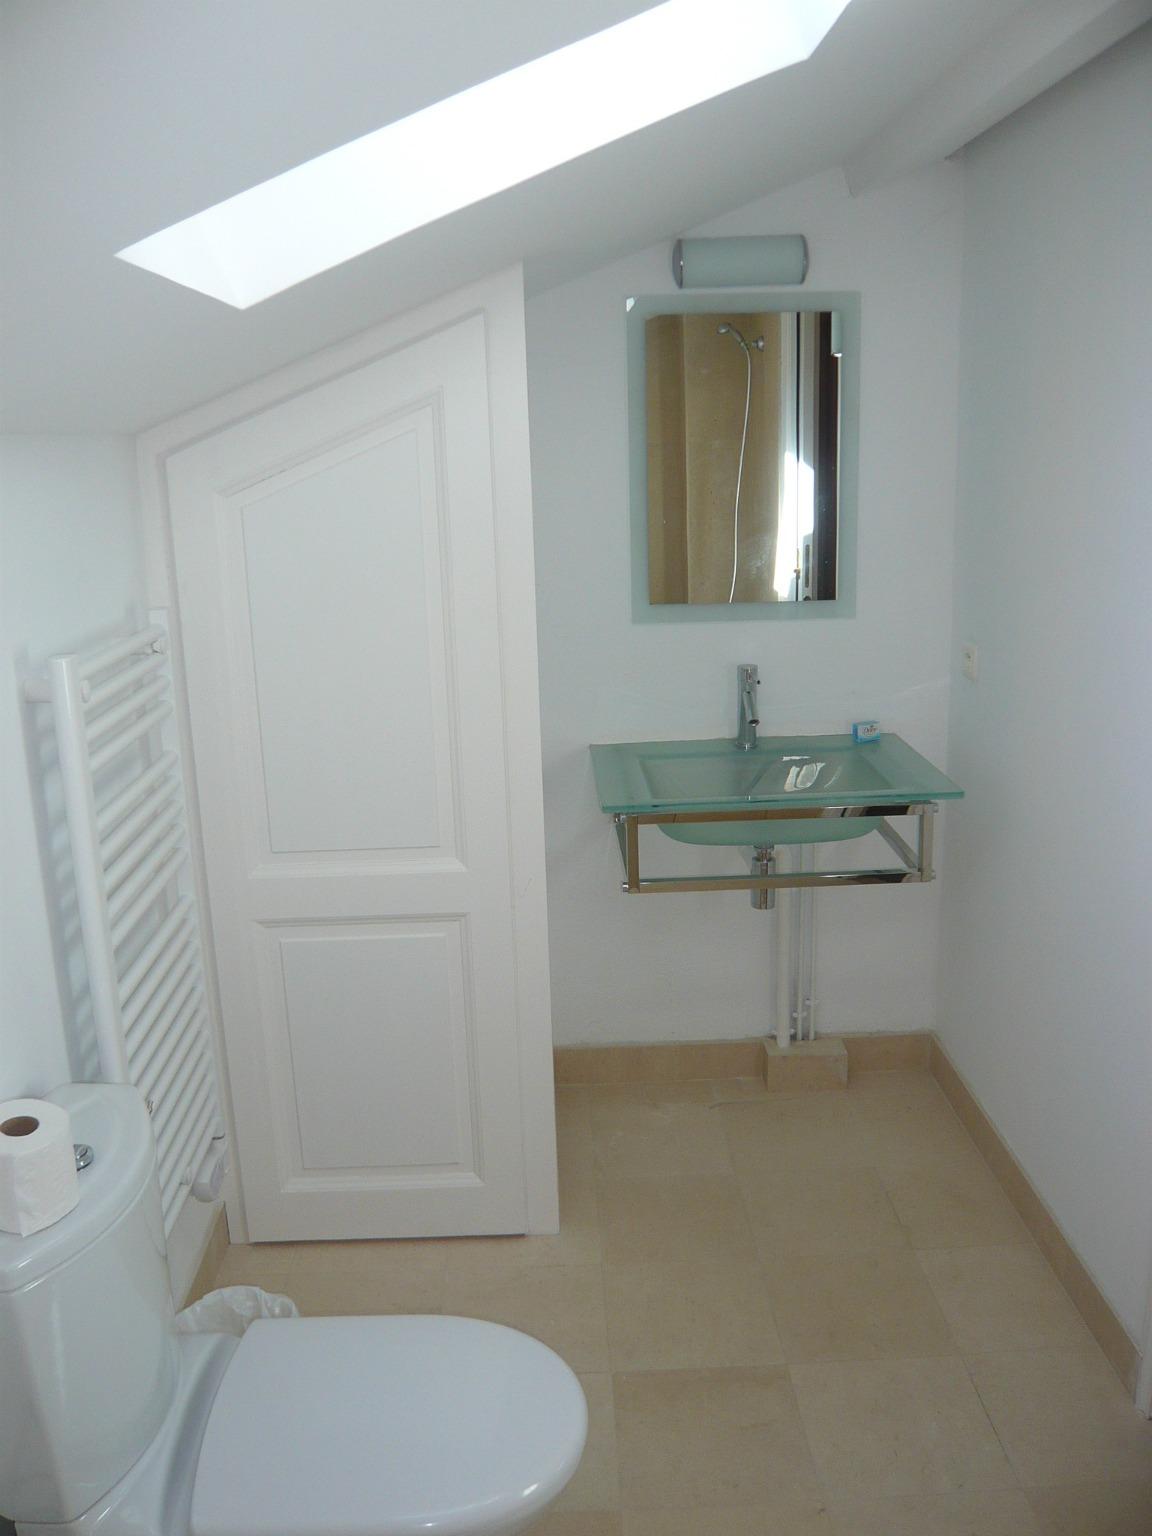 Salle de bain dans un duplex